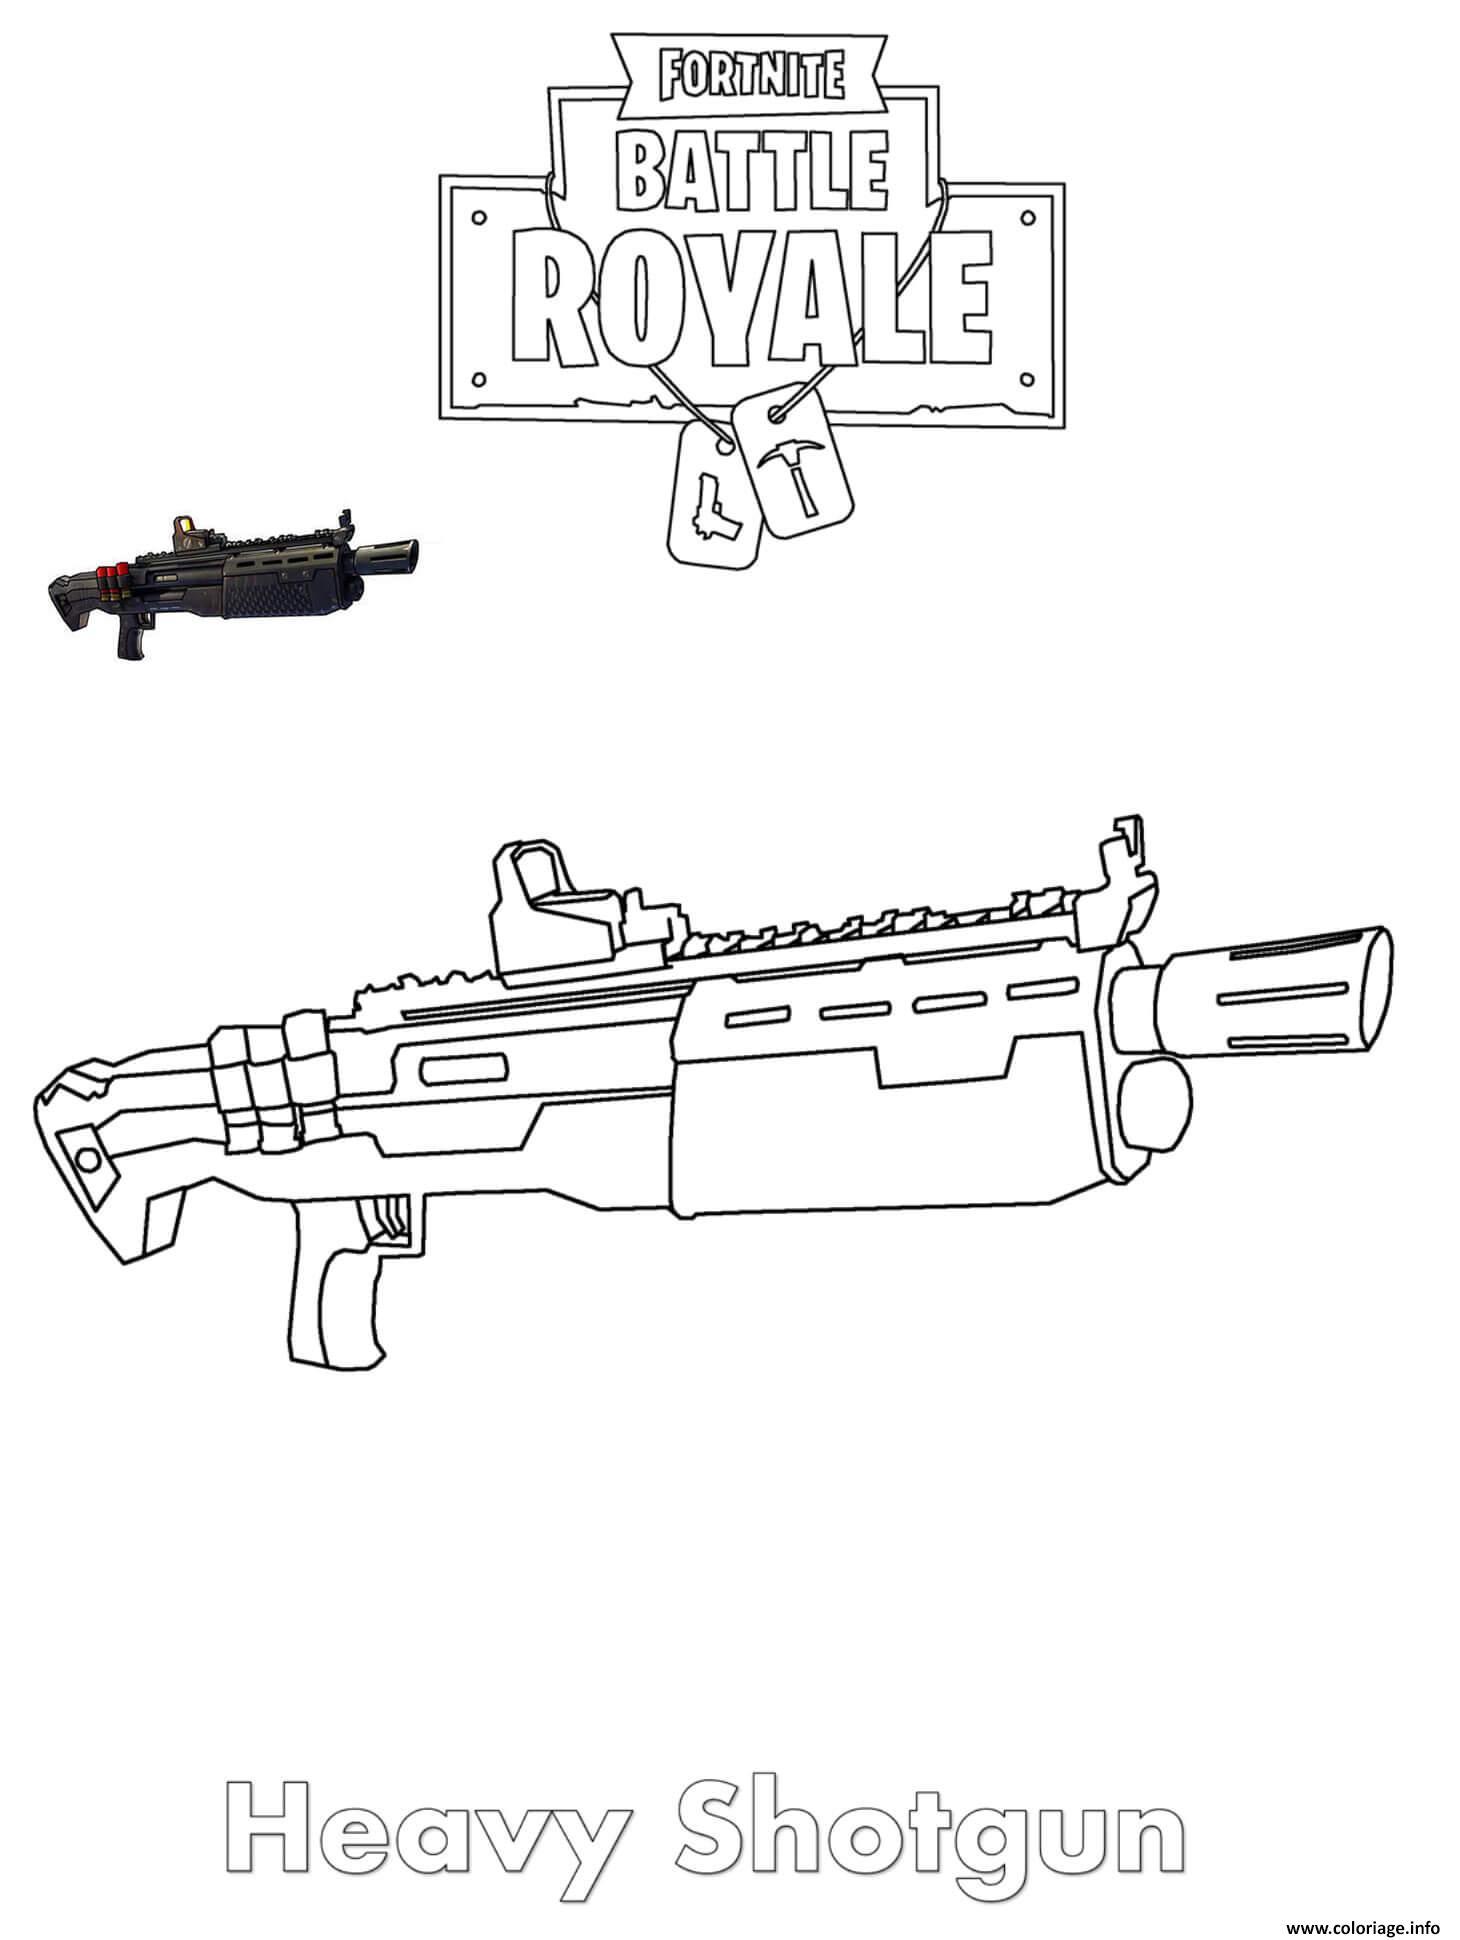 Coloriage Heavy Shotgun Fortnite Dessin